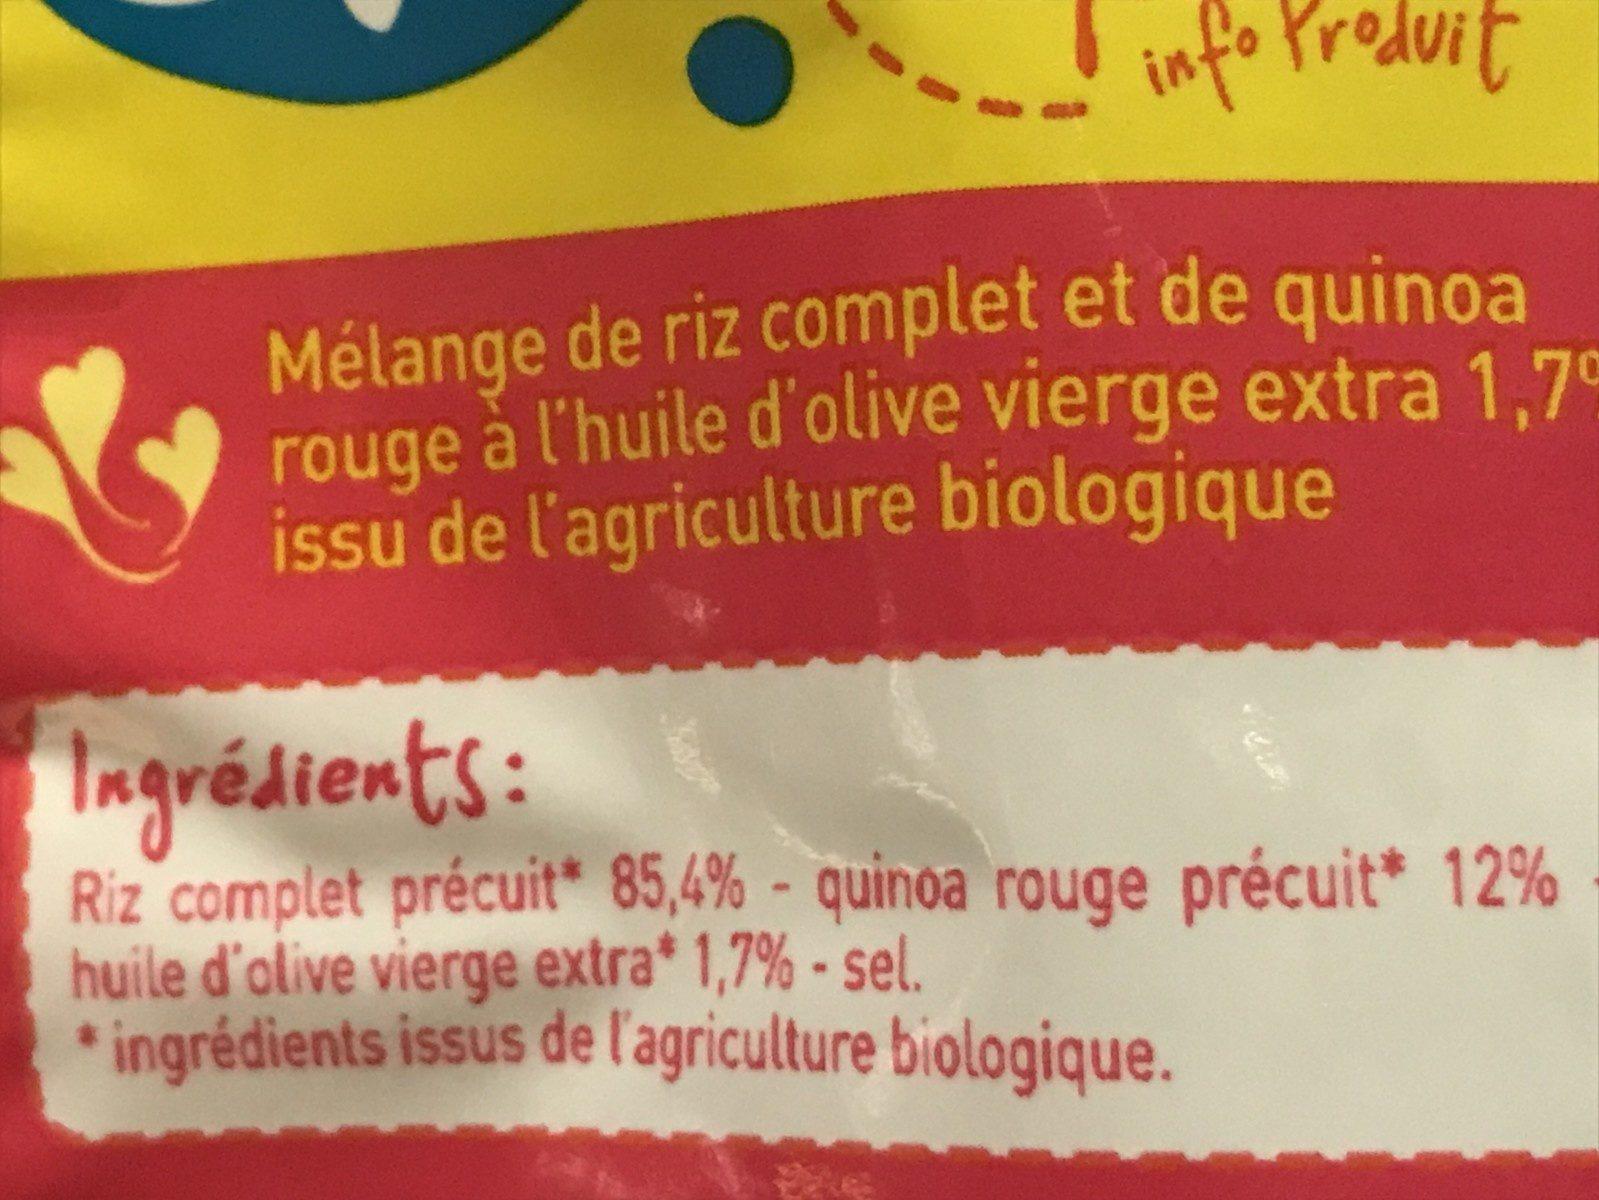 Riz complet & quinoa rouge bio - Ingredienti - fr